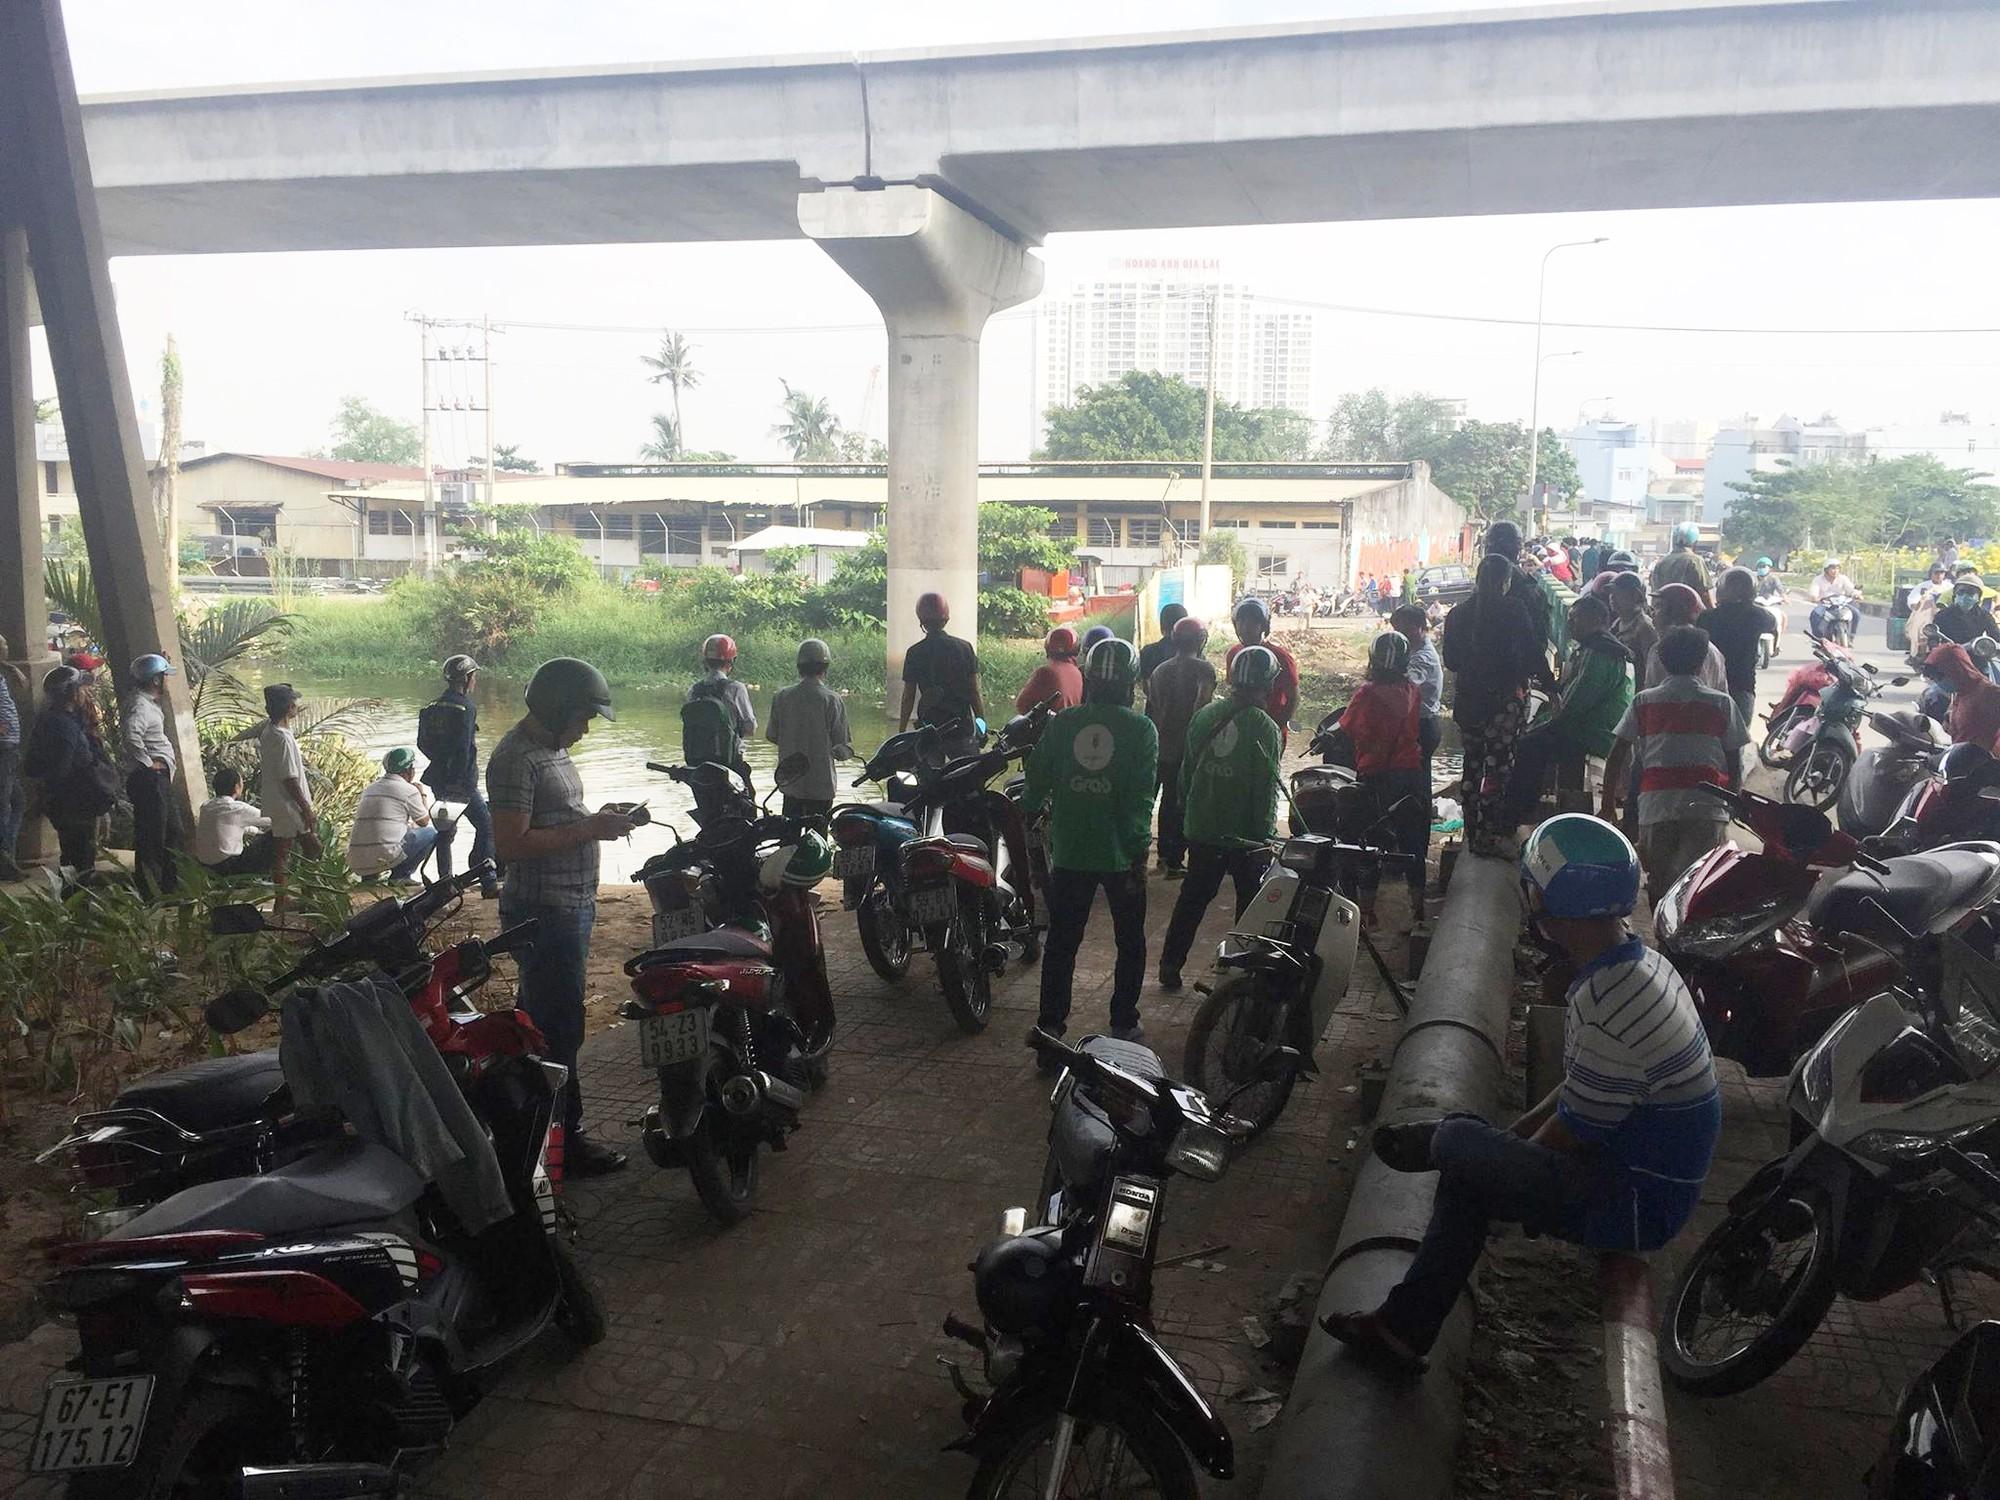 Hàng trăm người đứng xem xác chết nam thanh niên 24 tuổi, giao thông kẹt cứng trên cầu Sài Gòn - Ảnh 1.